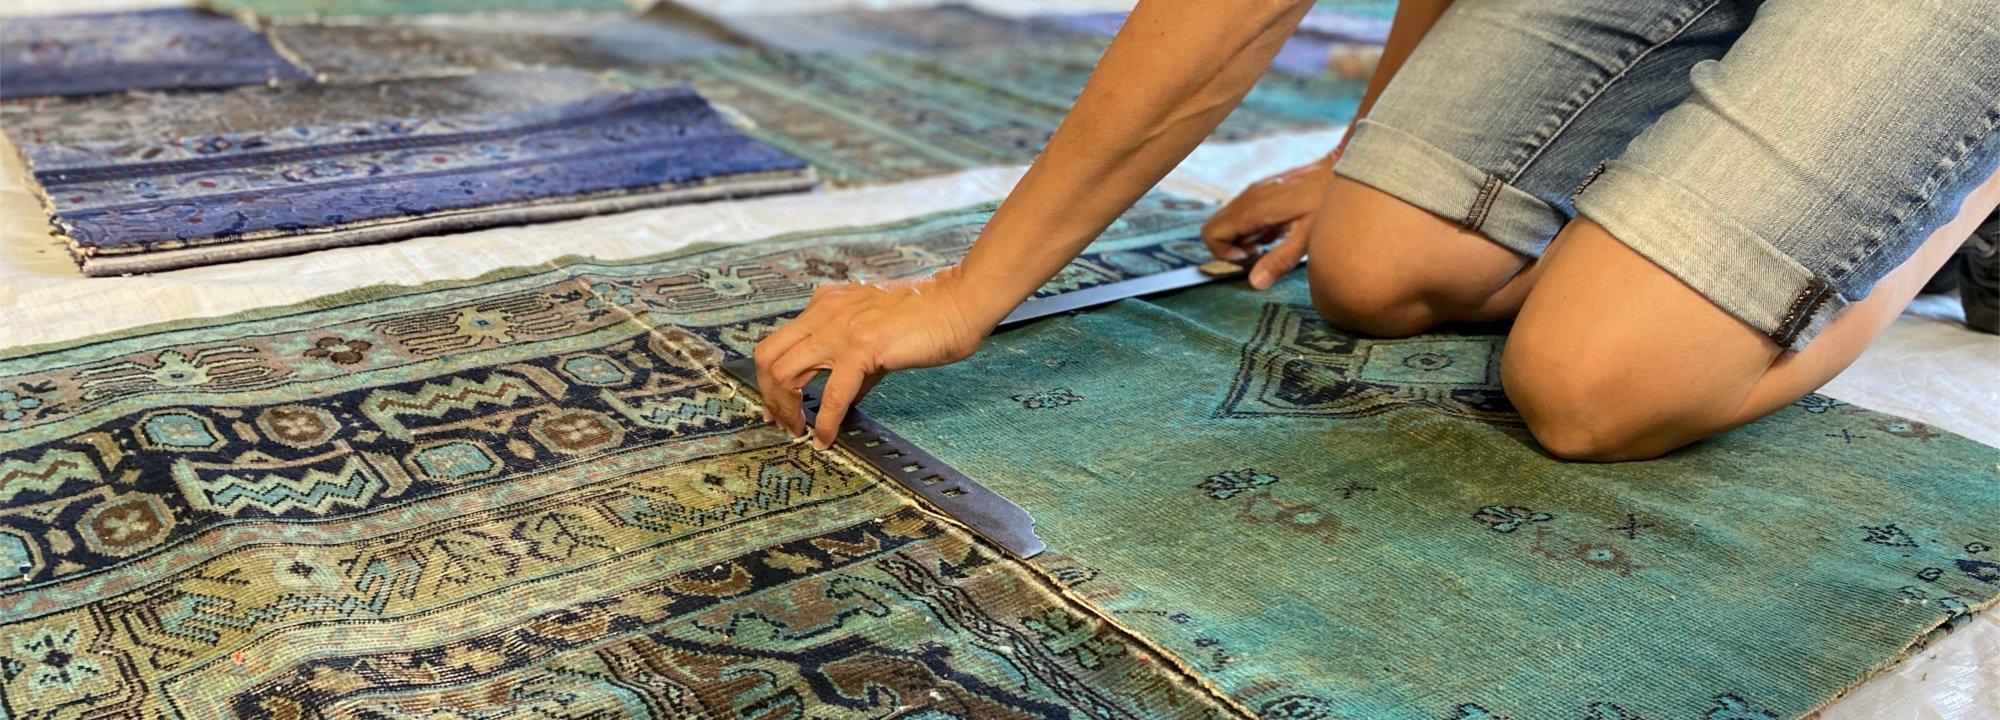 Handgemachte Teppichkunstwerke aus Deutschland